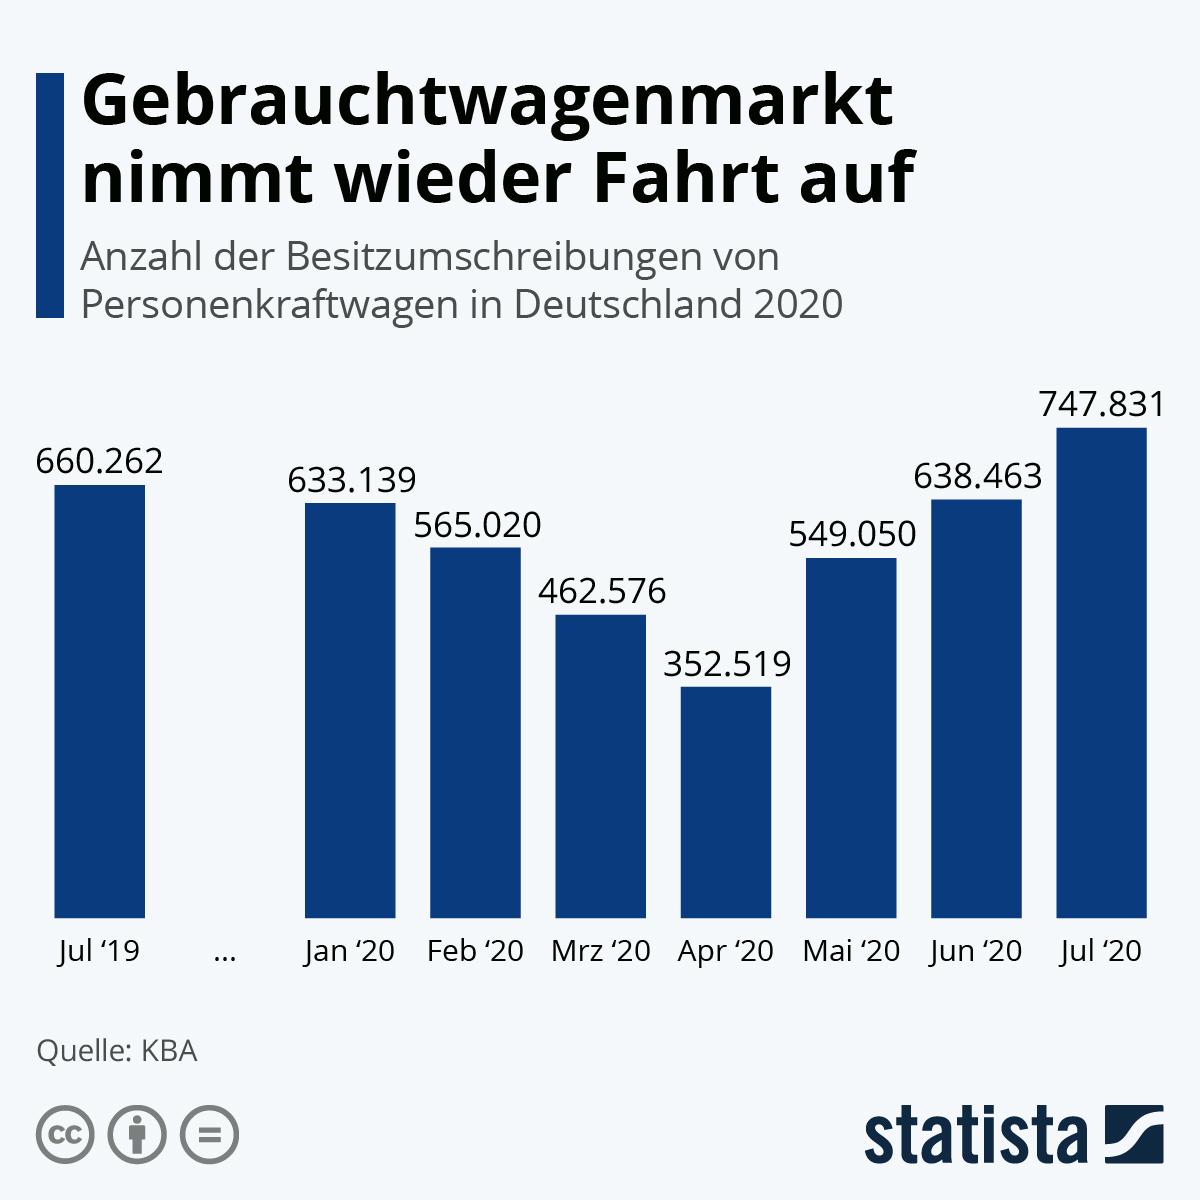 Infografik: Der Gebrauchtwagenmarkt nimmt wieder Fahrt auf | Statista